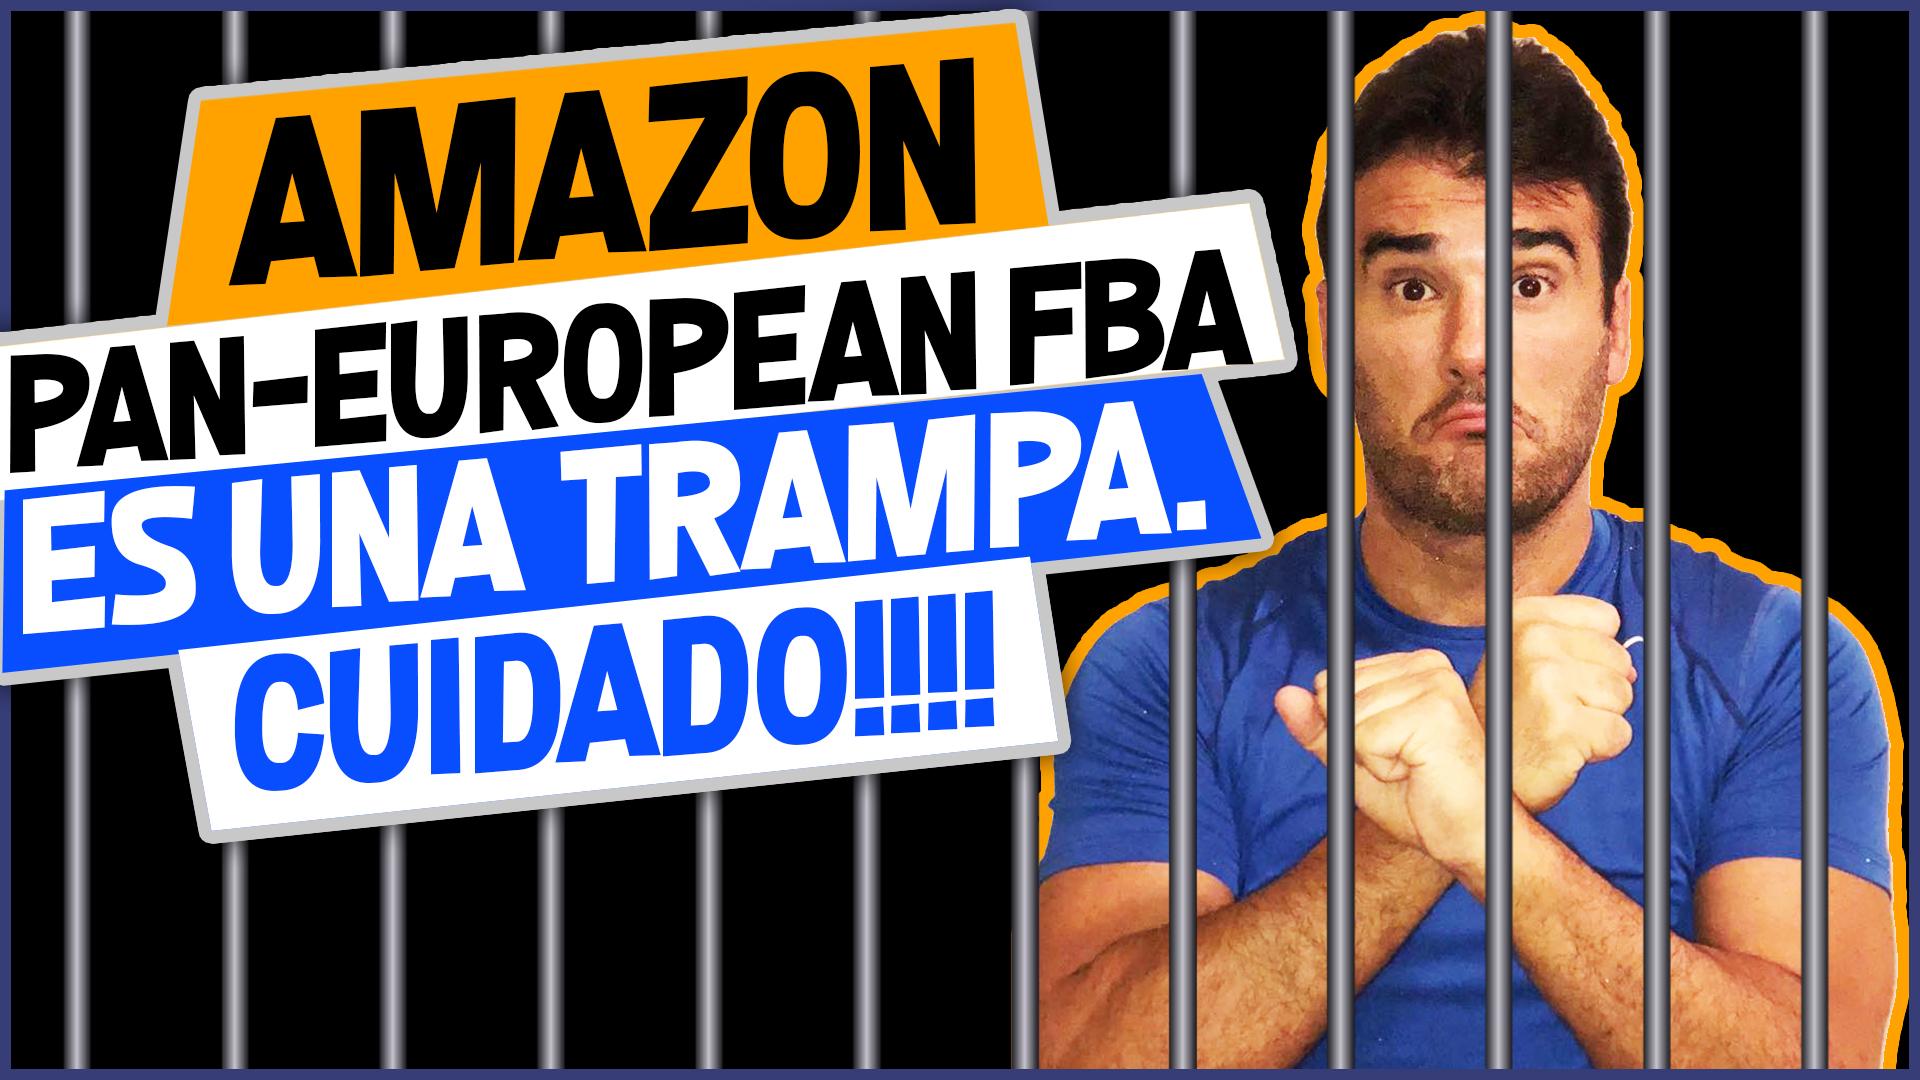 PAN EUROPEAN FBA ES UNA TRAMPA